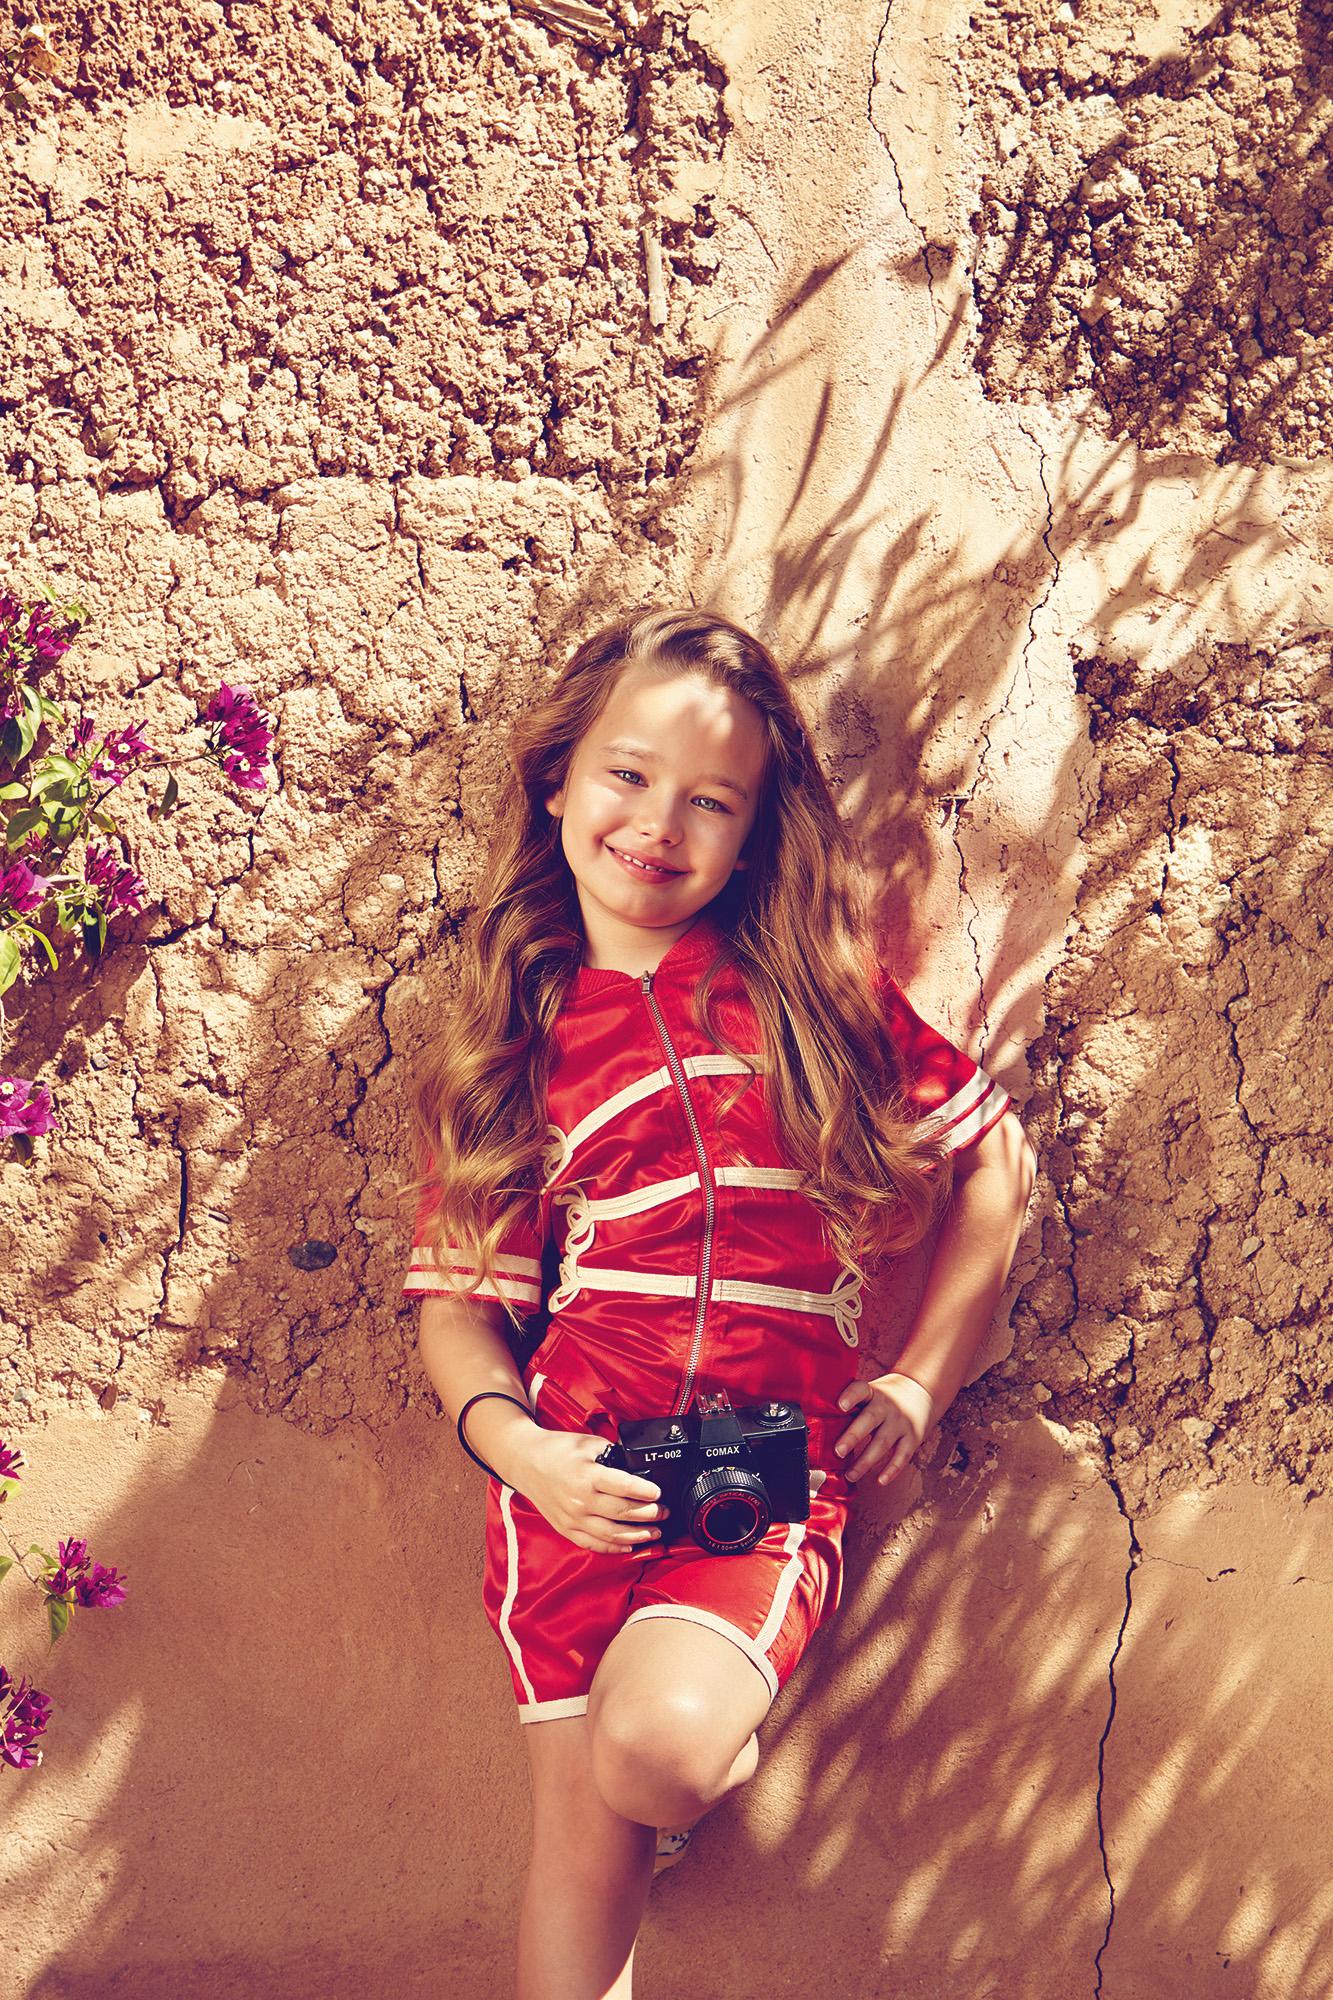 Ilve little - girl by rock face